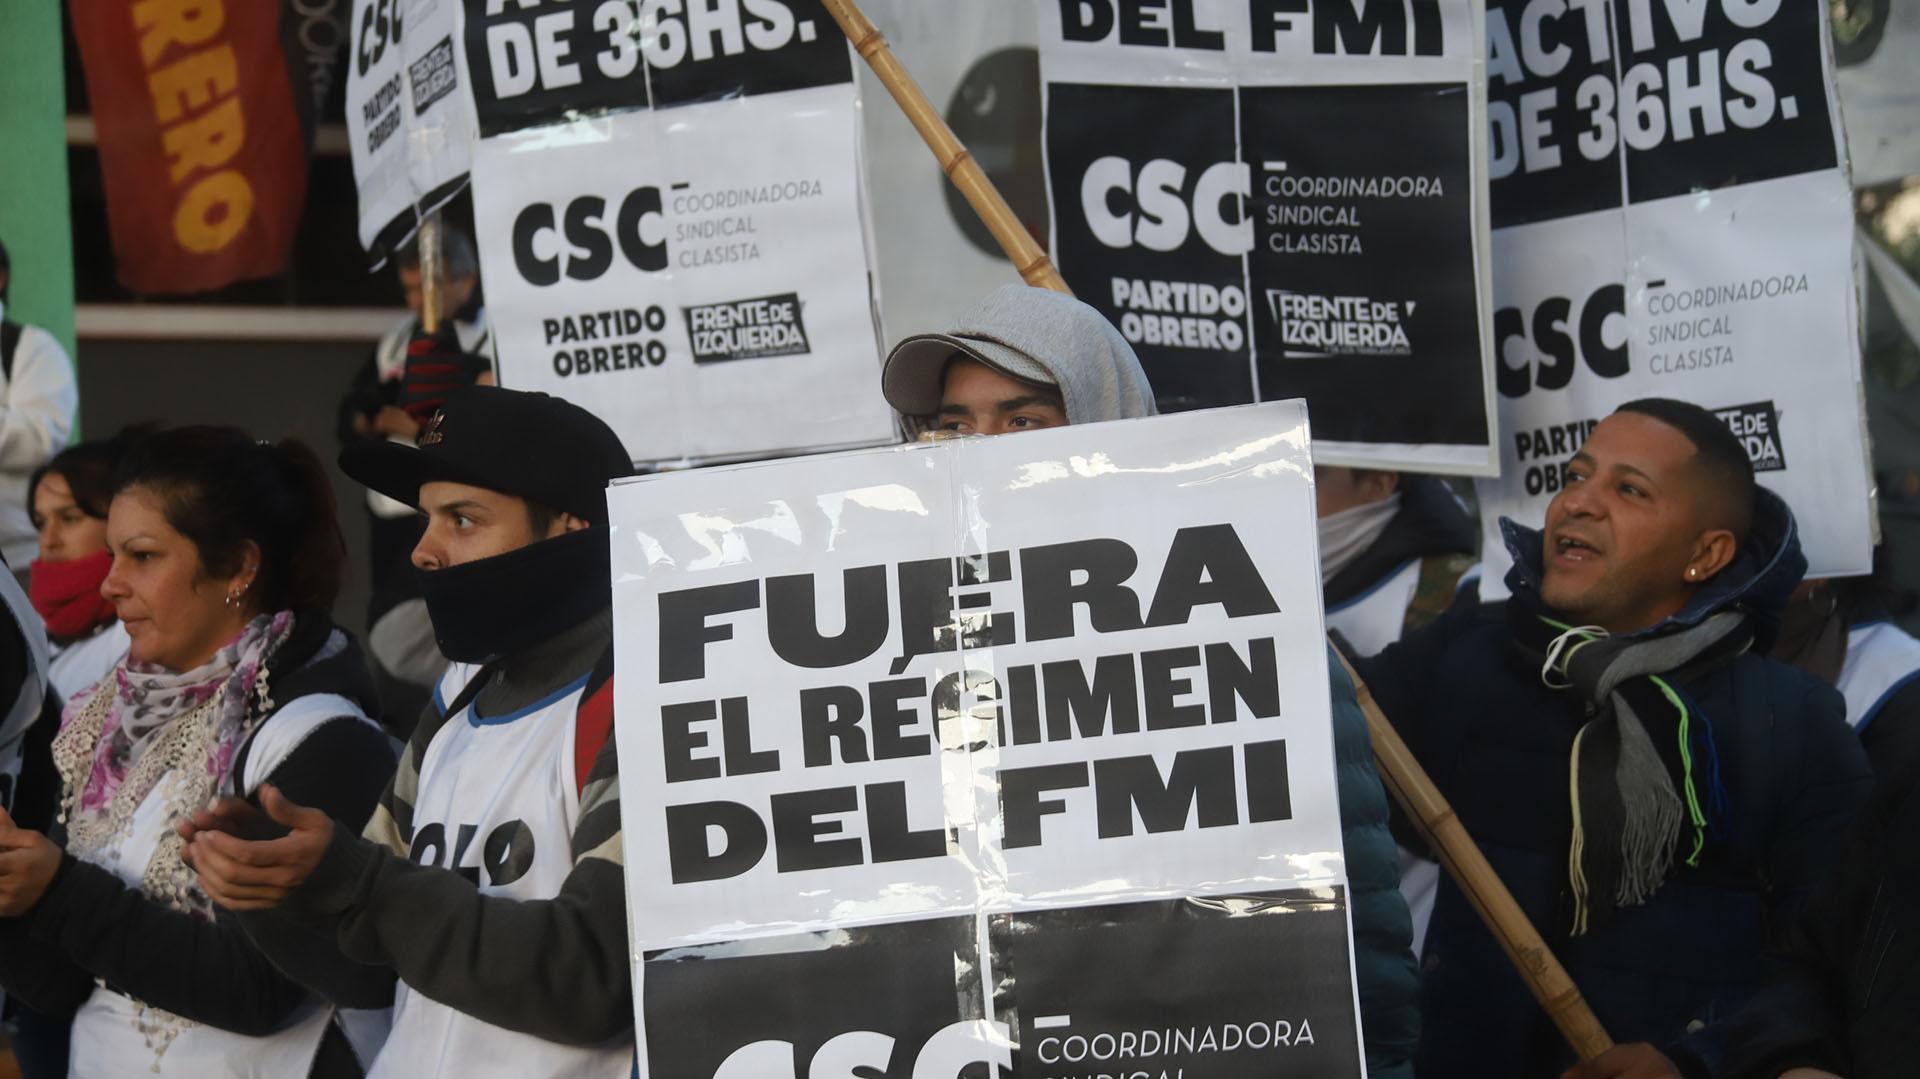 Activistas del Partido Obrero con pancartas rechazan elacuerdo con el Fmi